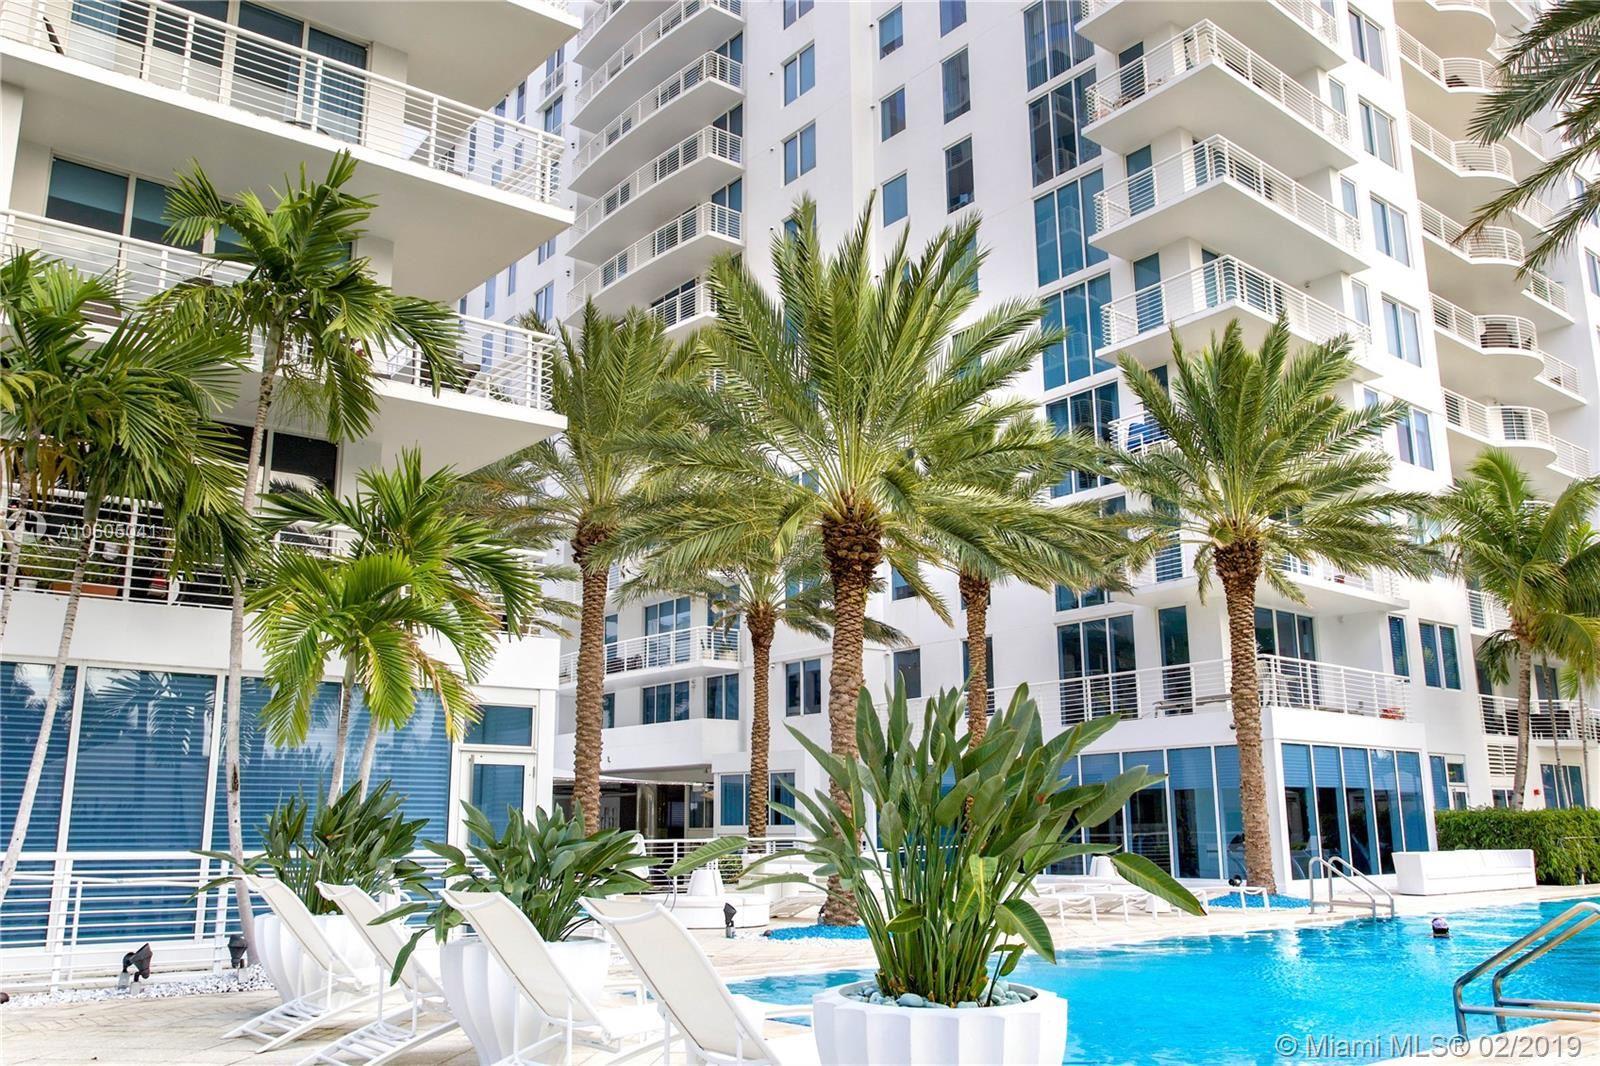 2821 N Ocean Blvd #405 S, Fort Lauderdale, FL 33308 - MLS#: A10605041